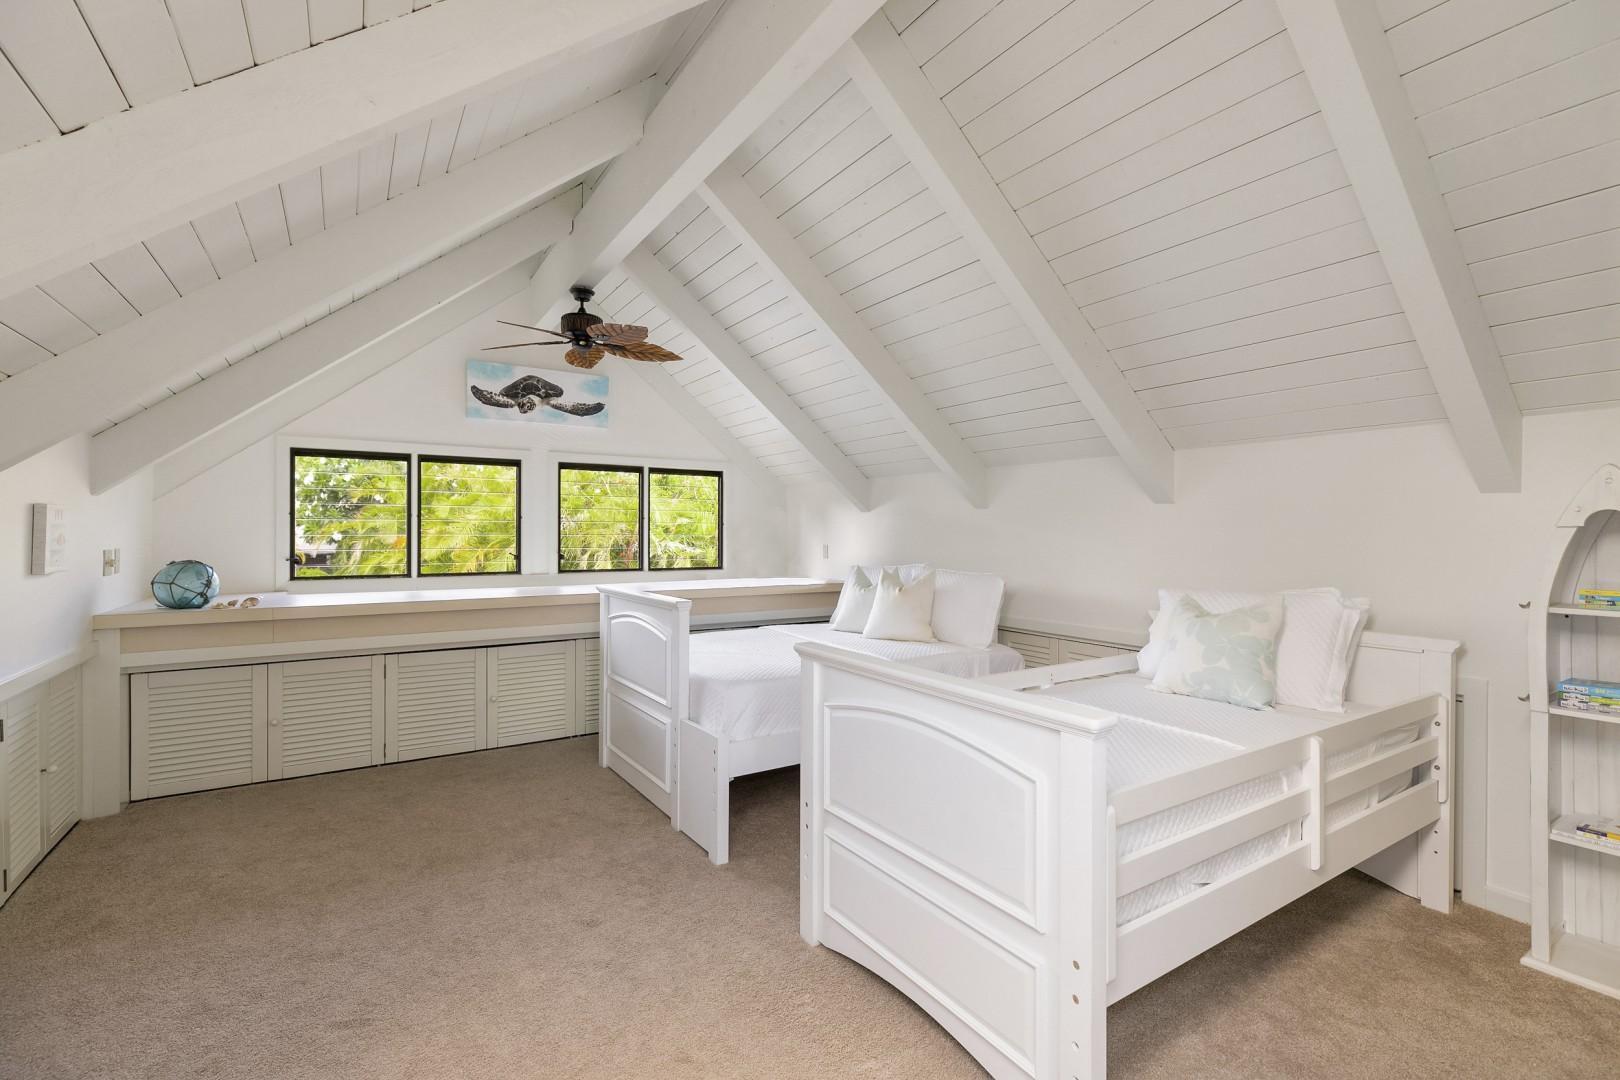 Upstairs Loft Bedroom with Ensuite Bathroom